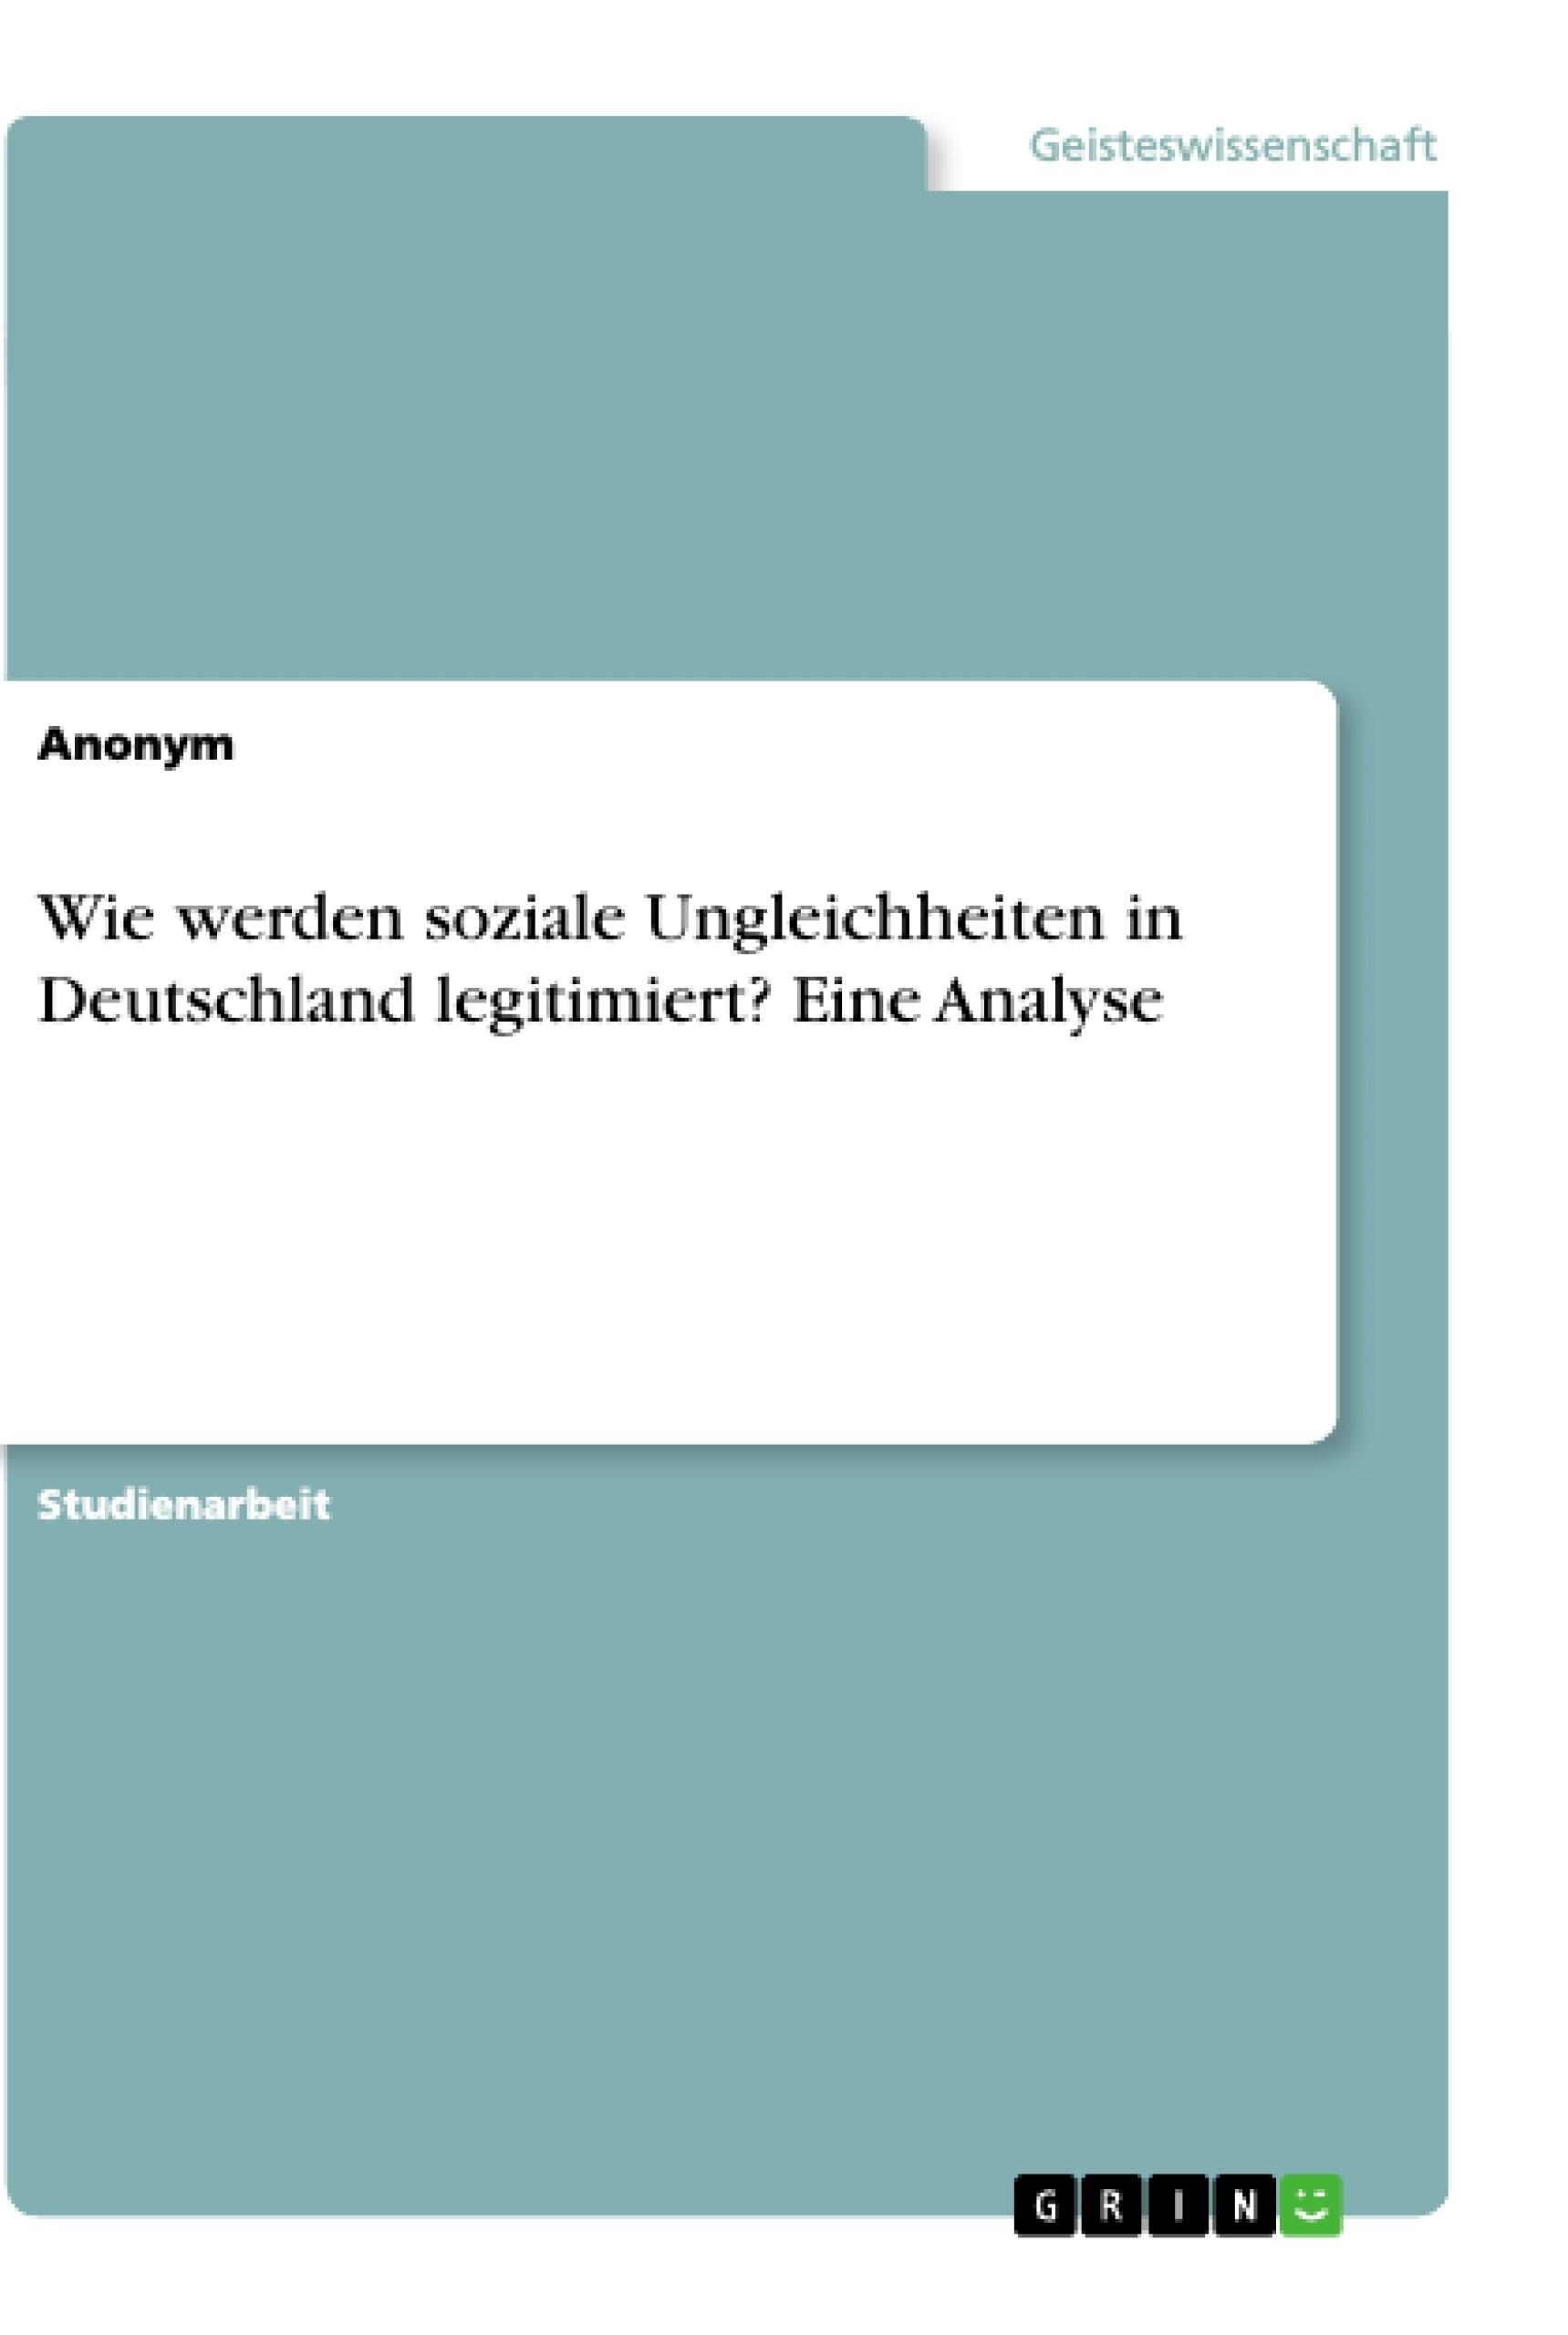 Titel: Wie werden soziale Ungleichheiten in Deutschland legitimiert? Eine Analyse